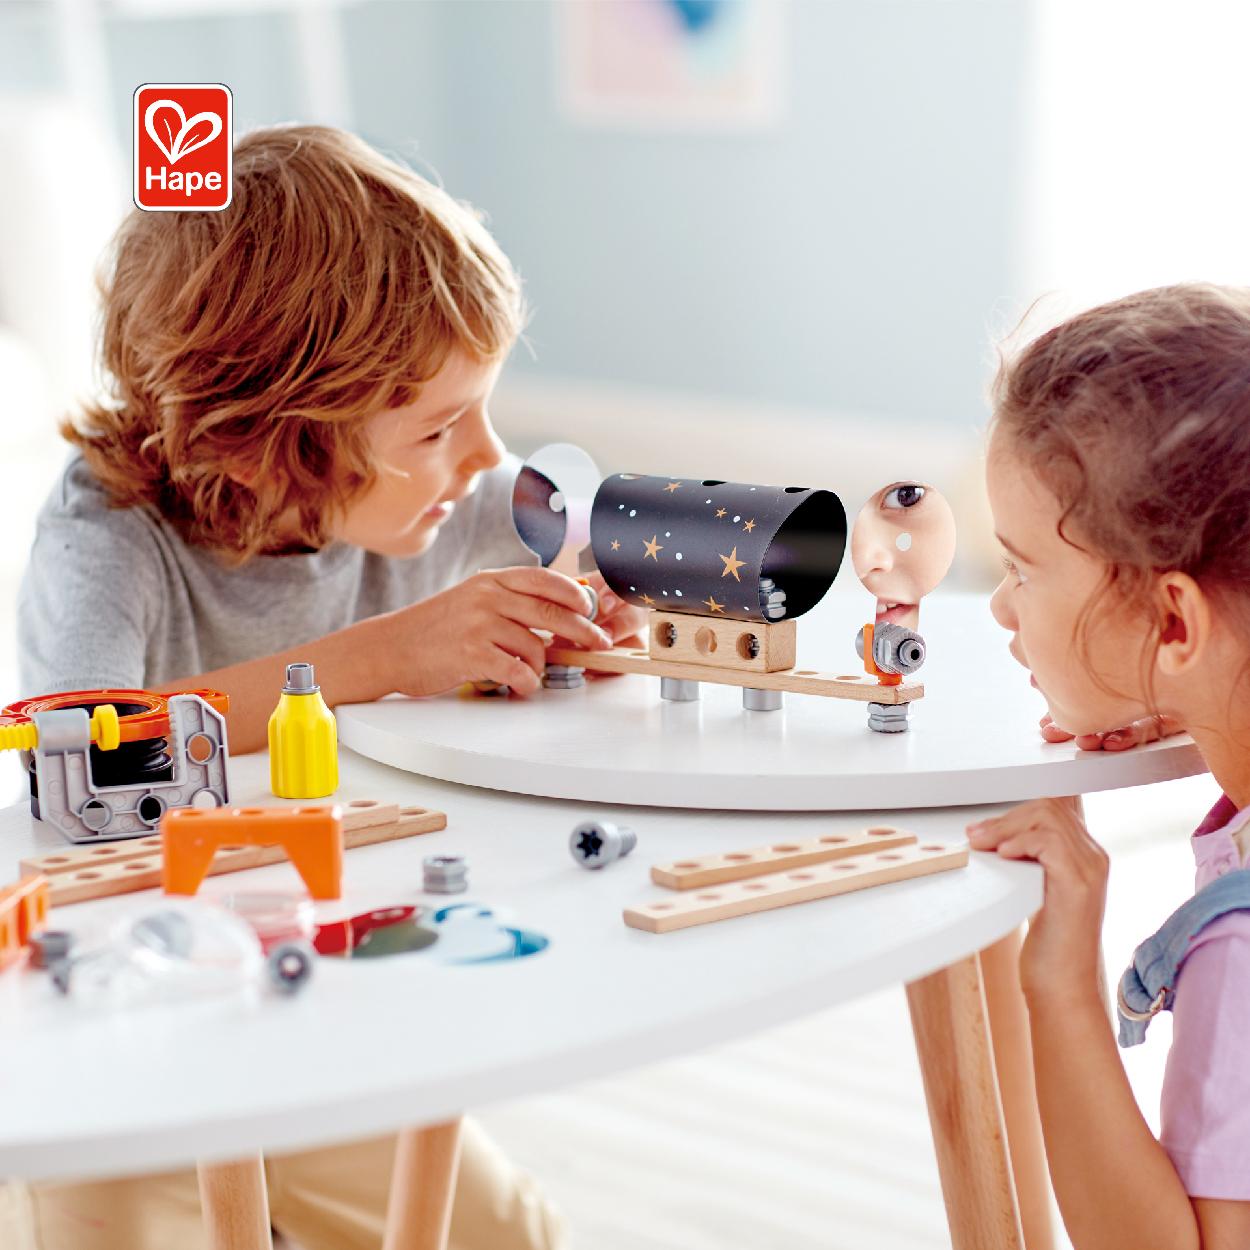 Hape научный эксперимент для детей Обучающие паровые обучающие игрушки